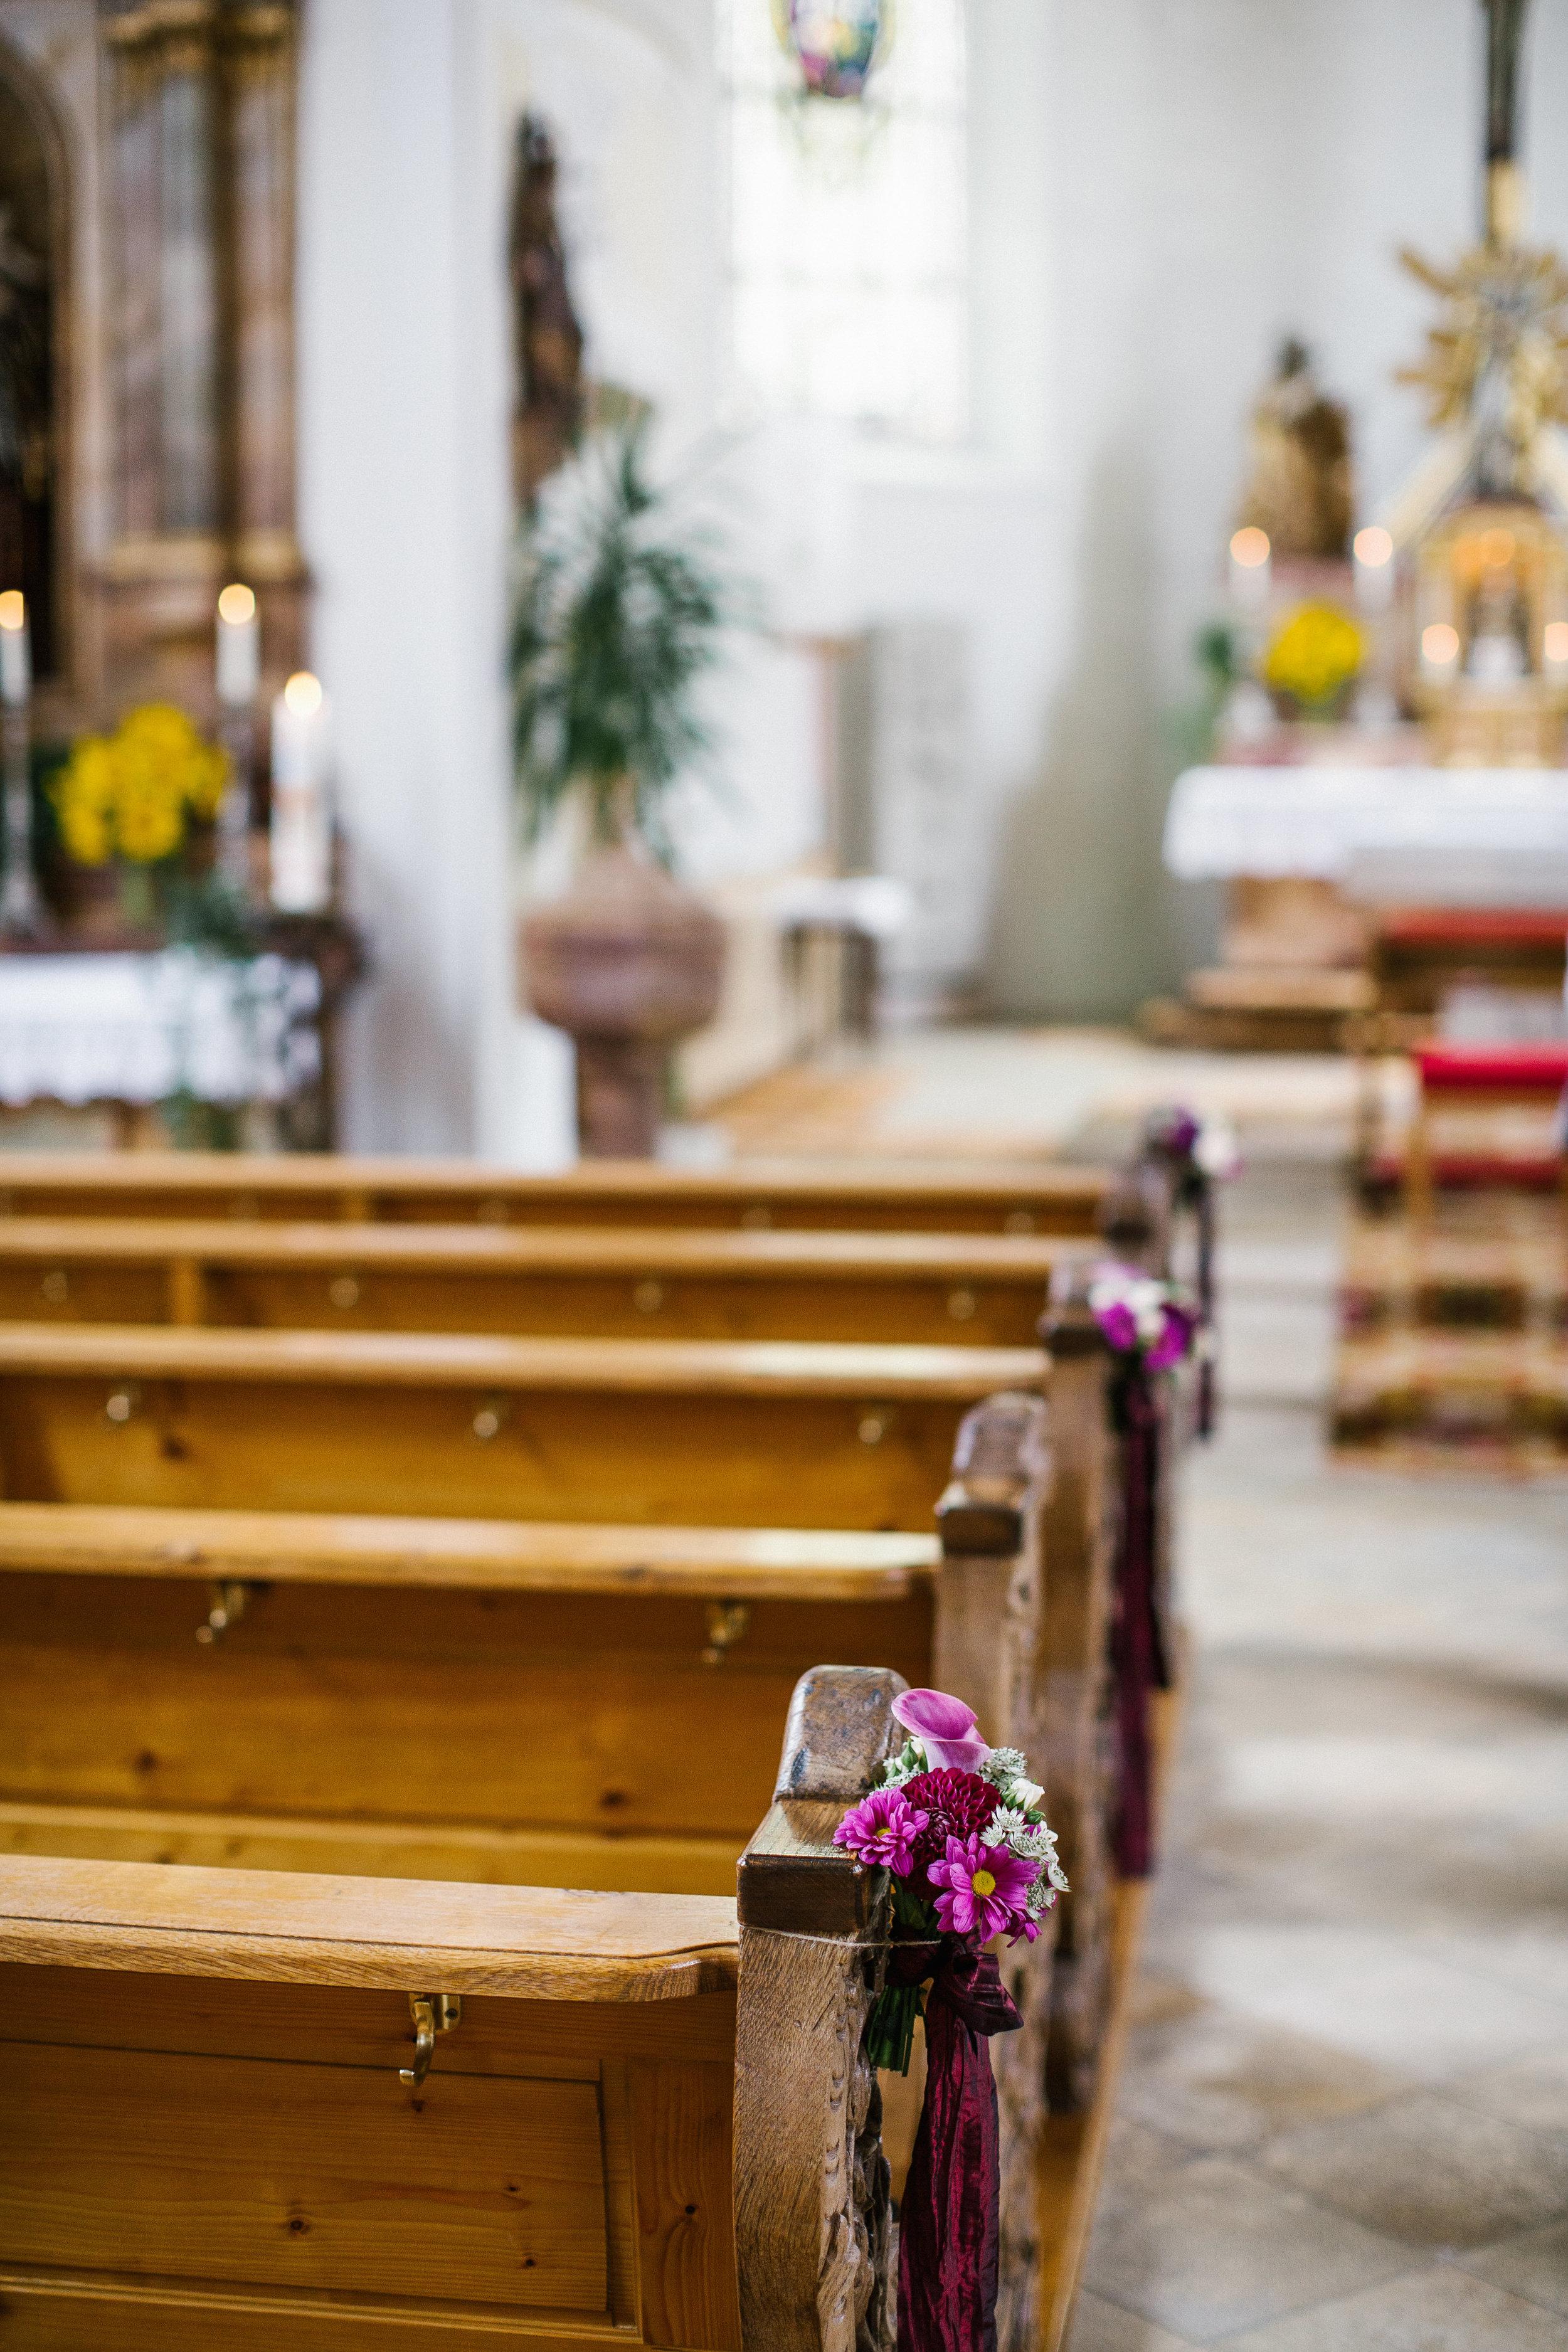 Kirche-6.jpg